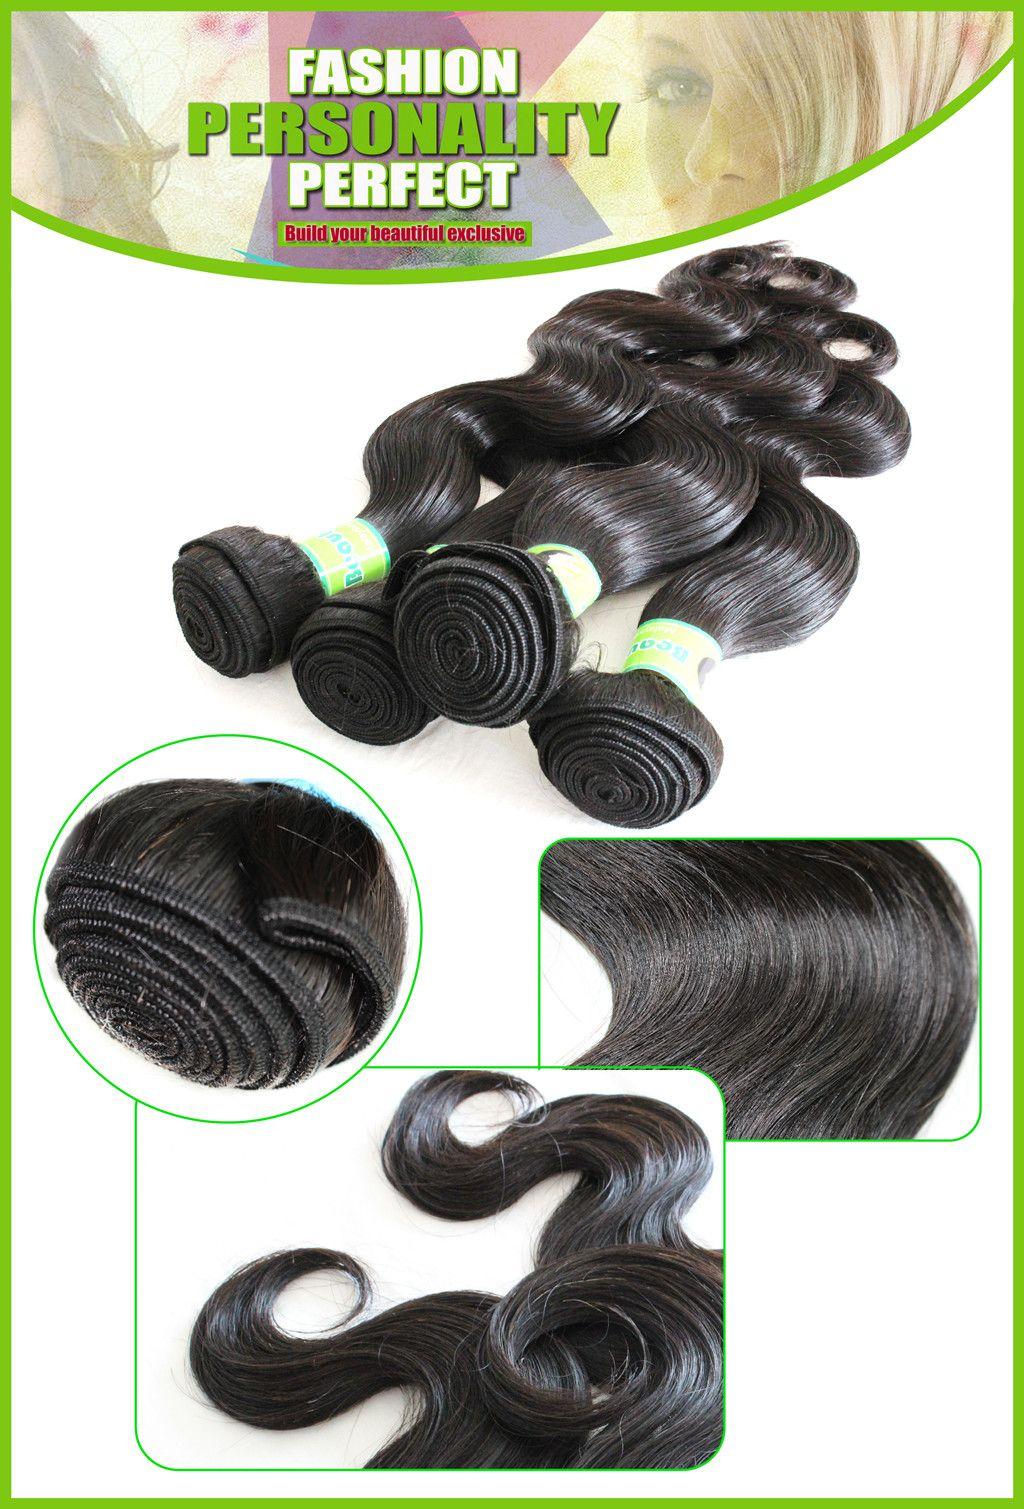 브라질 헤어 위브 구매 헤어 하나 무료 레이스 클로저 처리되지 않은 말레이시아 페루 몽골어 인간의 머리카락 확장